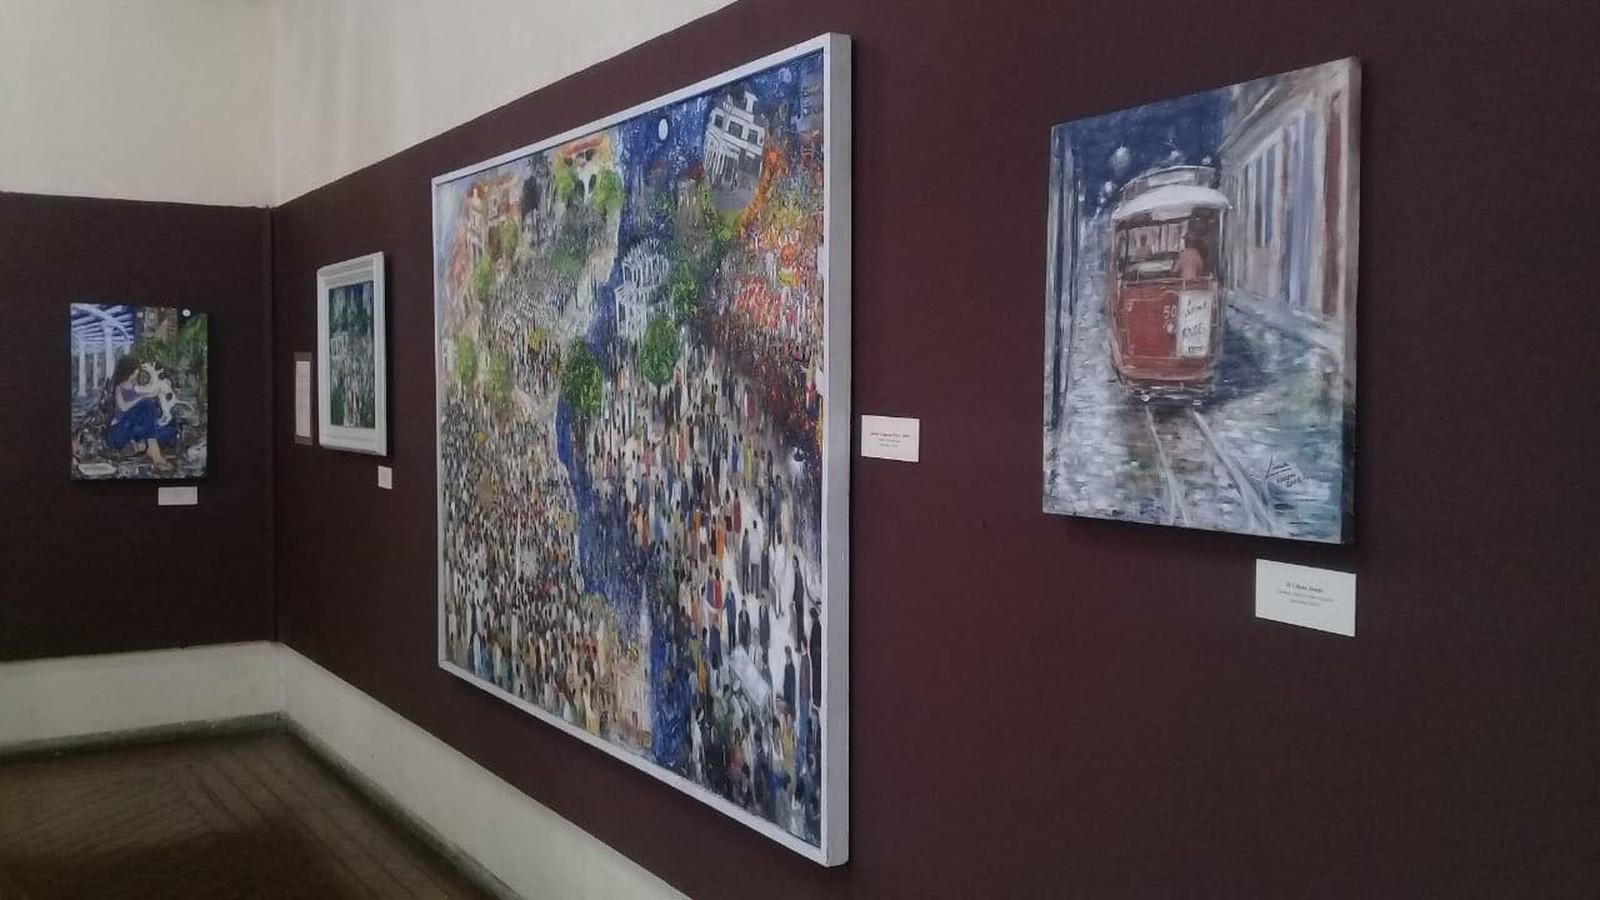 Obras de José de Campos Lima ficaram expostas na Biblioteca Infantil até o final de julho